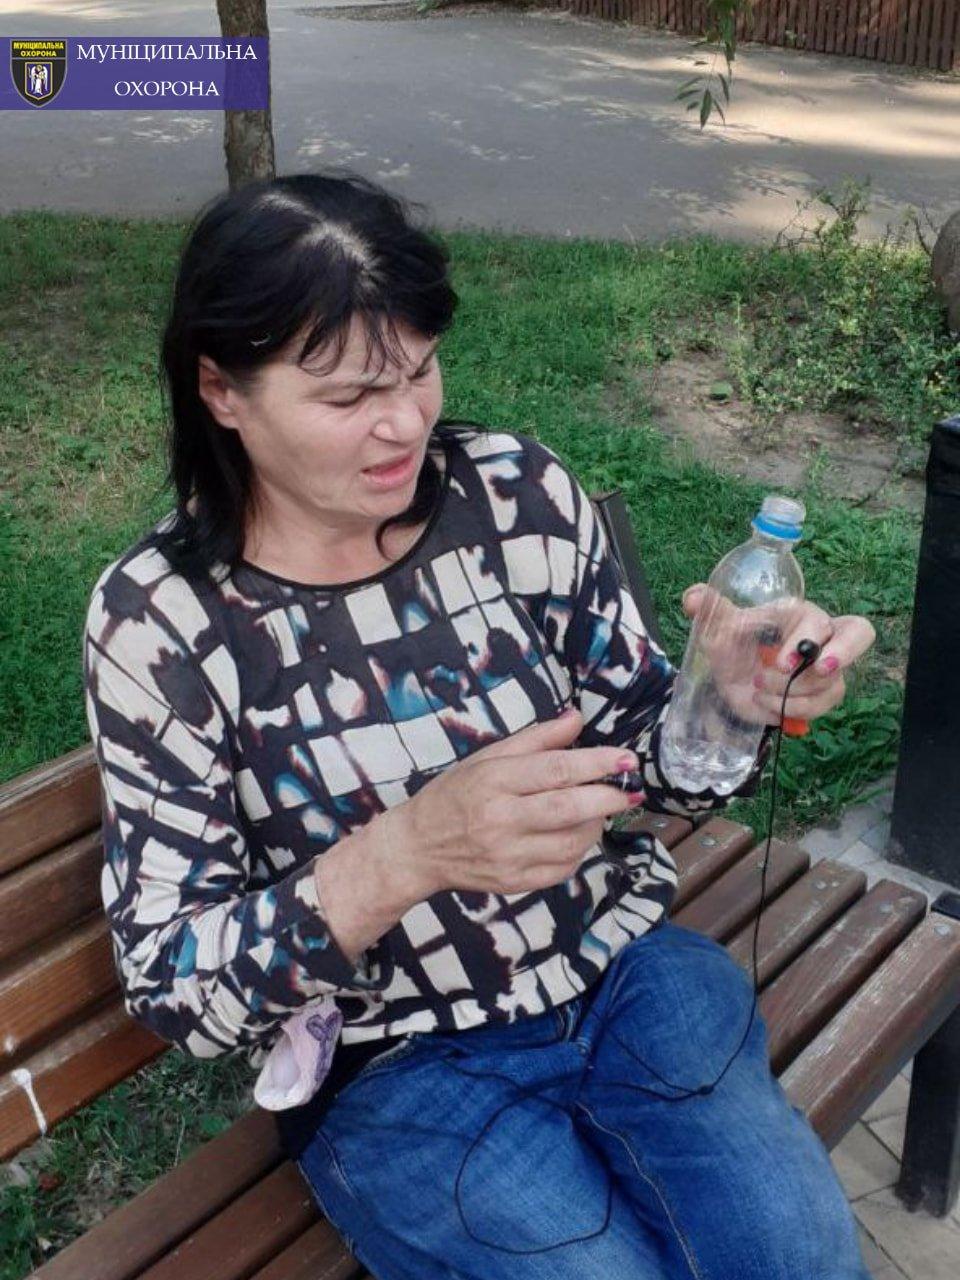 В Киеве пьяная женщина хотела изнасиловать несовершеннолетнего